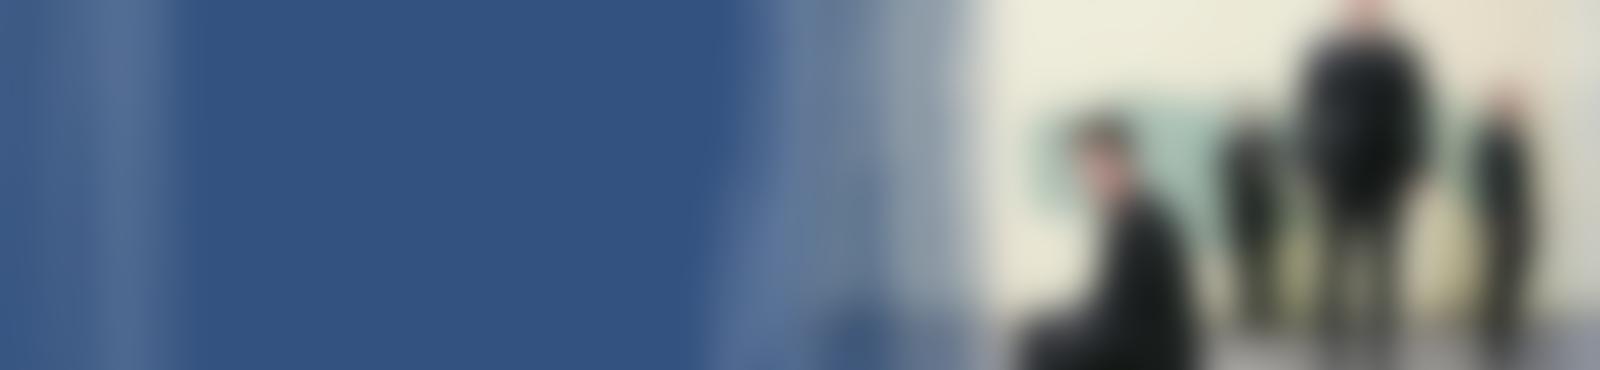 Blurred ade0a7c2 9a7f 4f0b b878 8bafccc5ec77